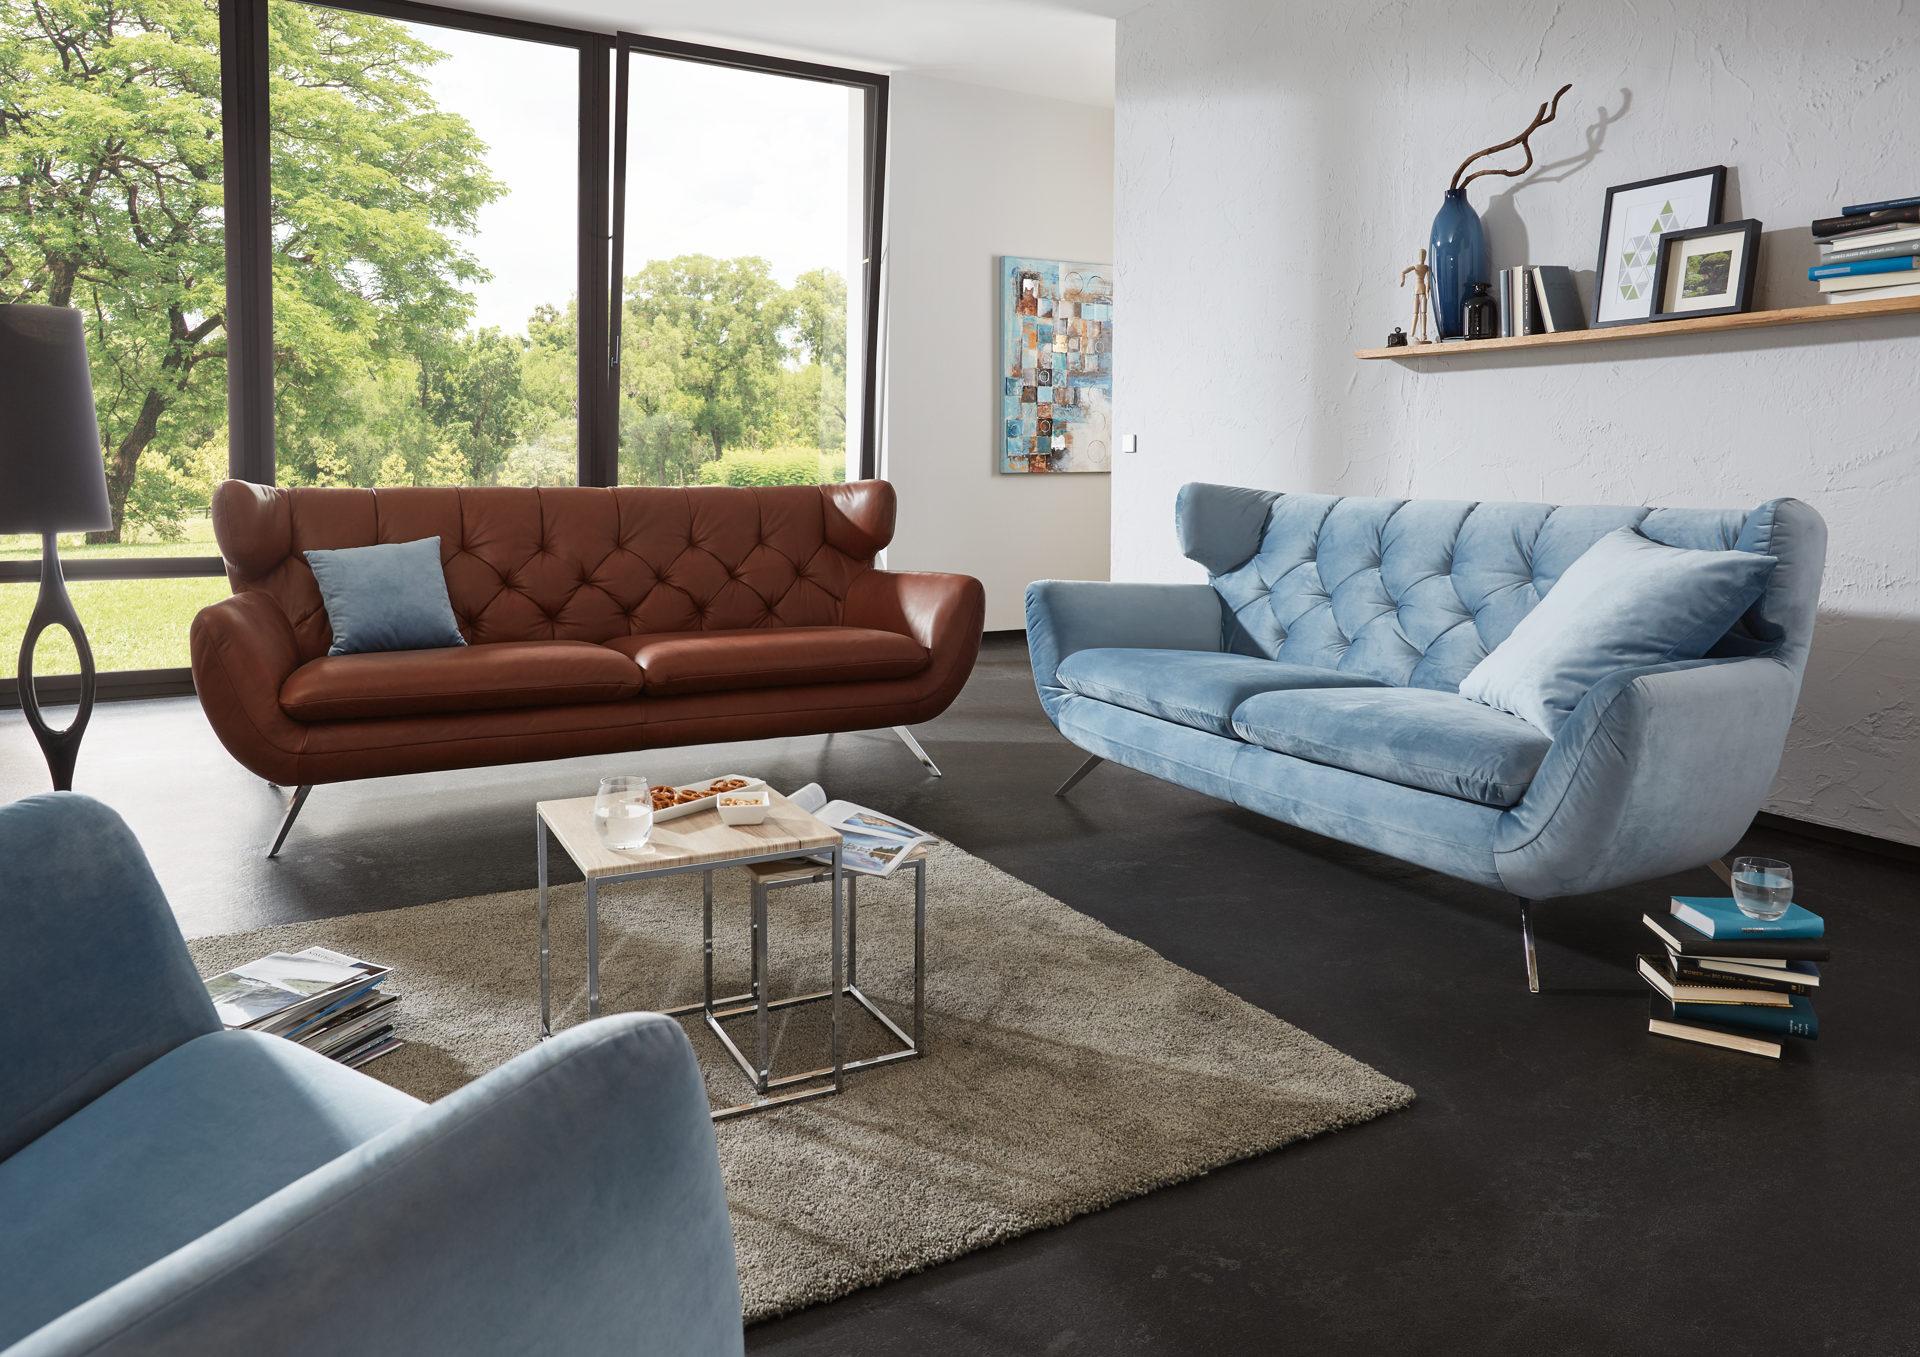 Sitzgruppen Wohnzimmer, trop möbelabholmarkt gmbh, räume, wohnzimmer, sofas + couches, Design ideen